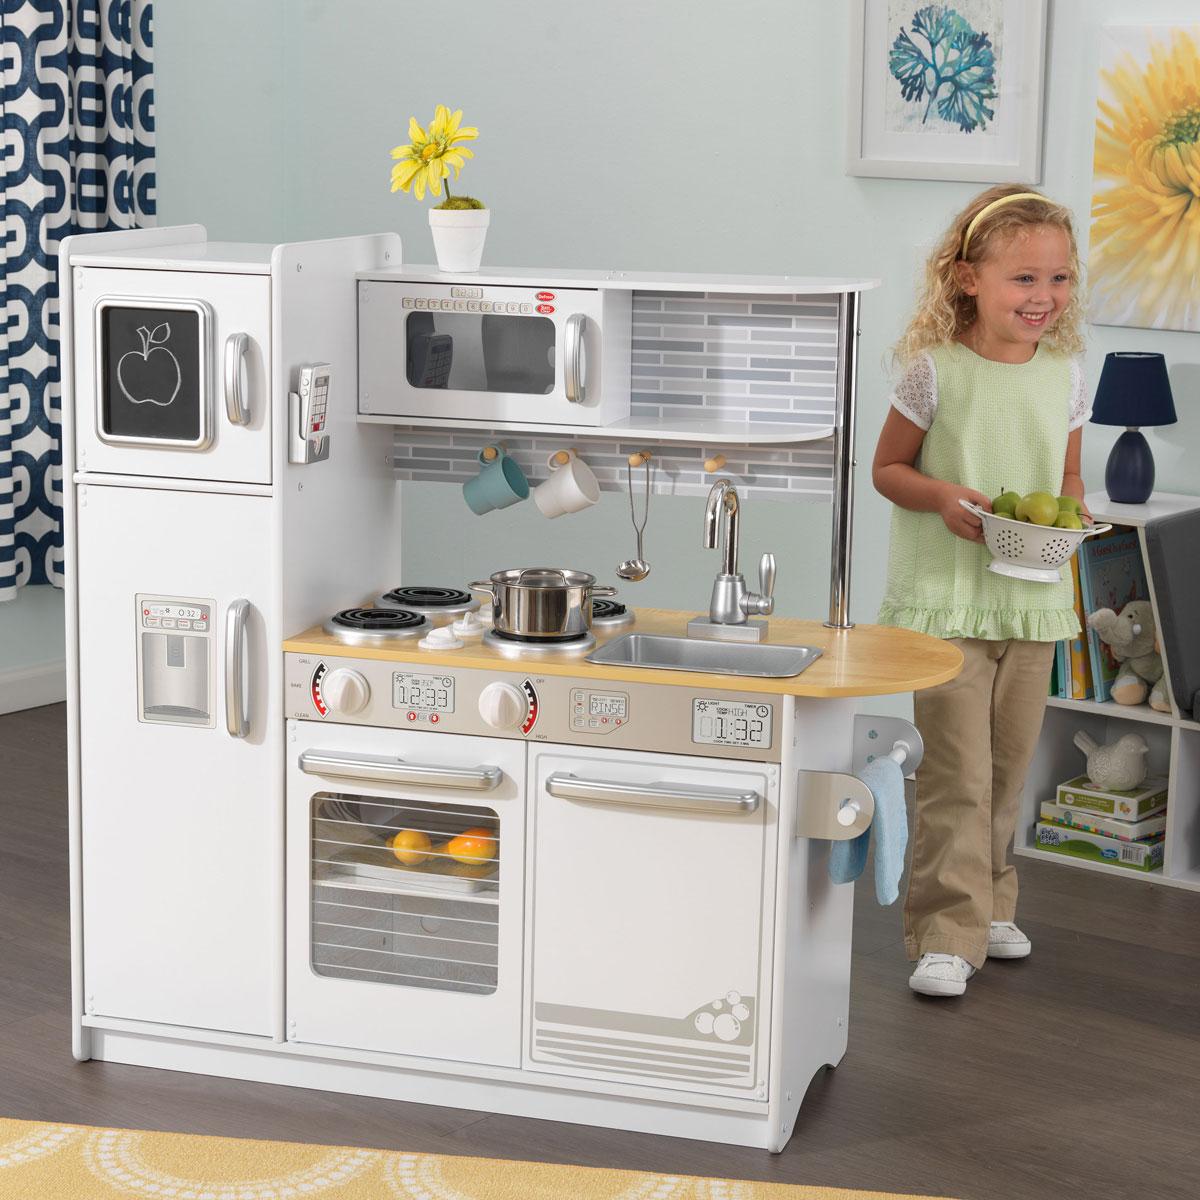 Kidkraft White Kitchen: KidKraft Uptown White Kitchen 53335